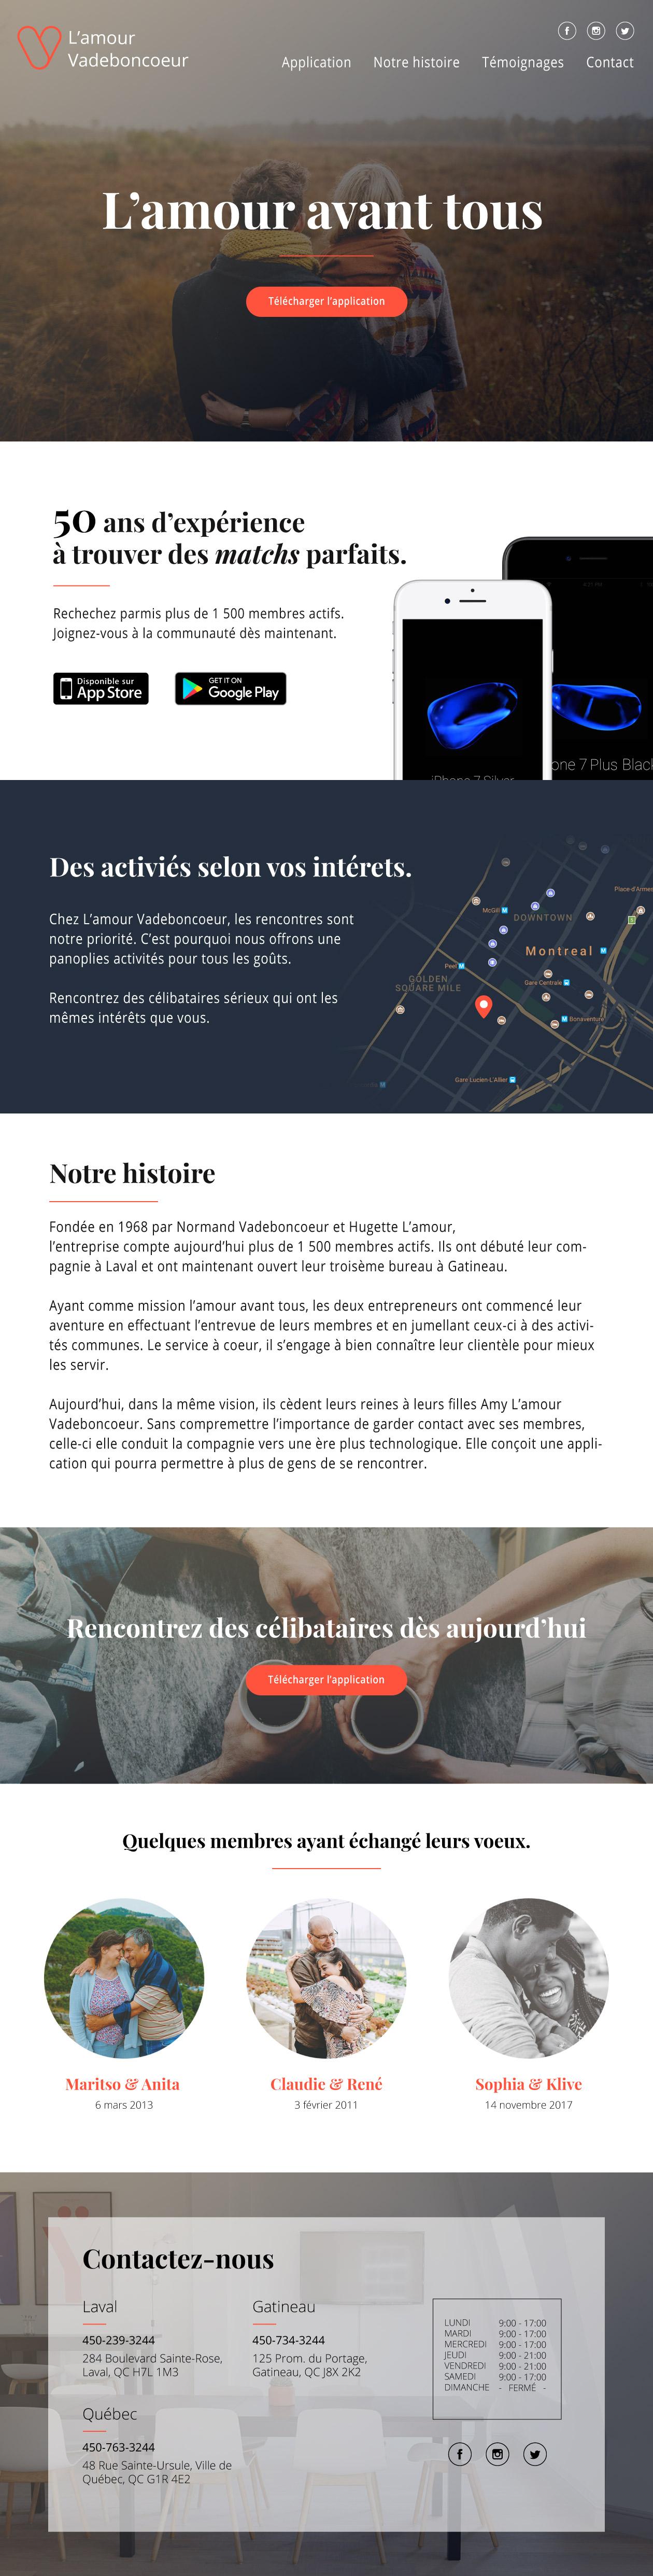 Landing page Application mobile de Rencontre